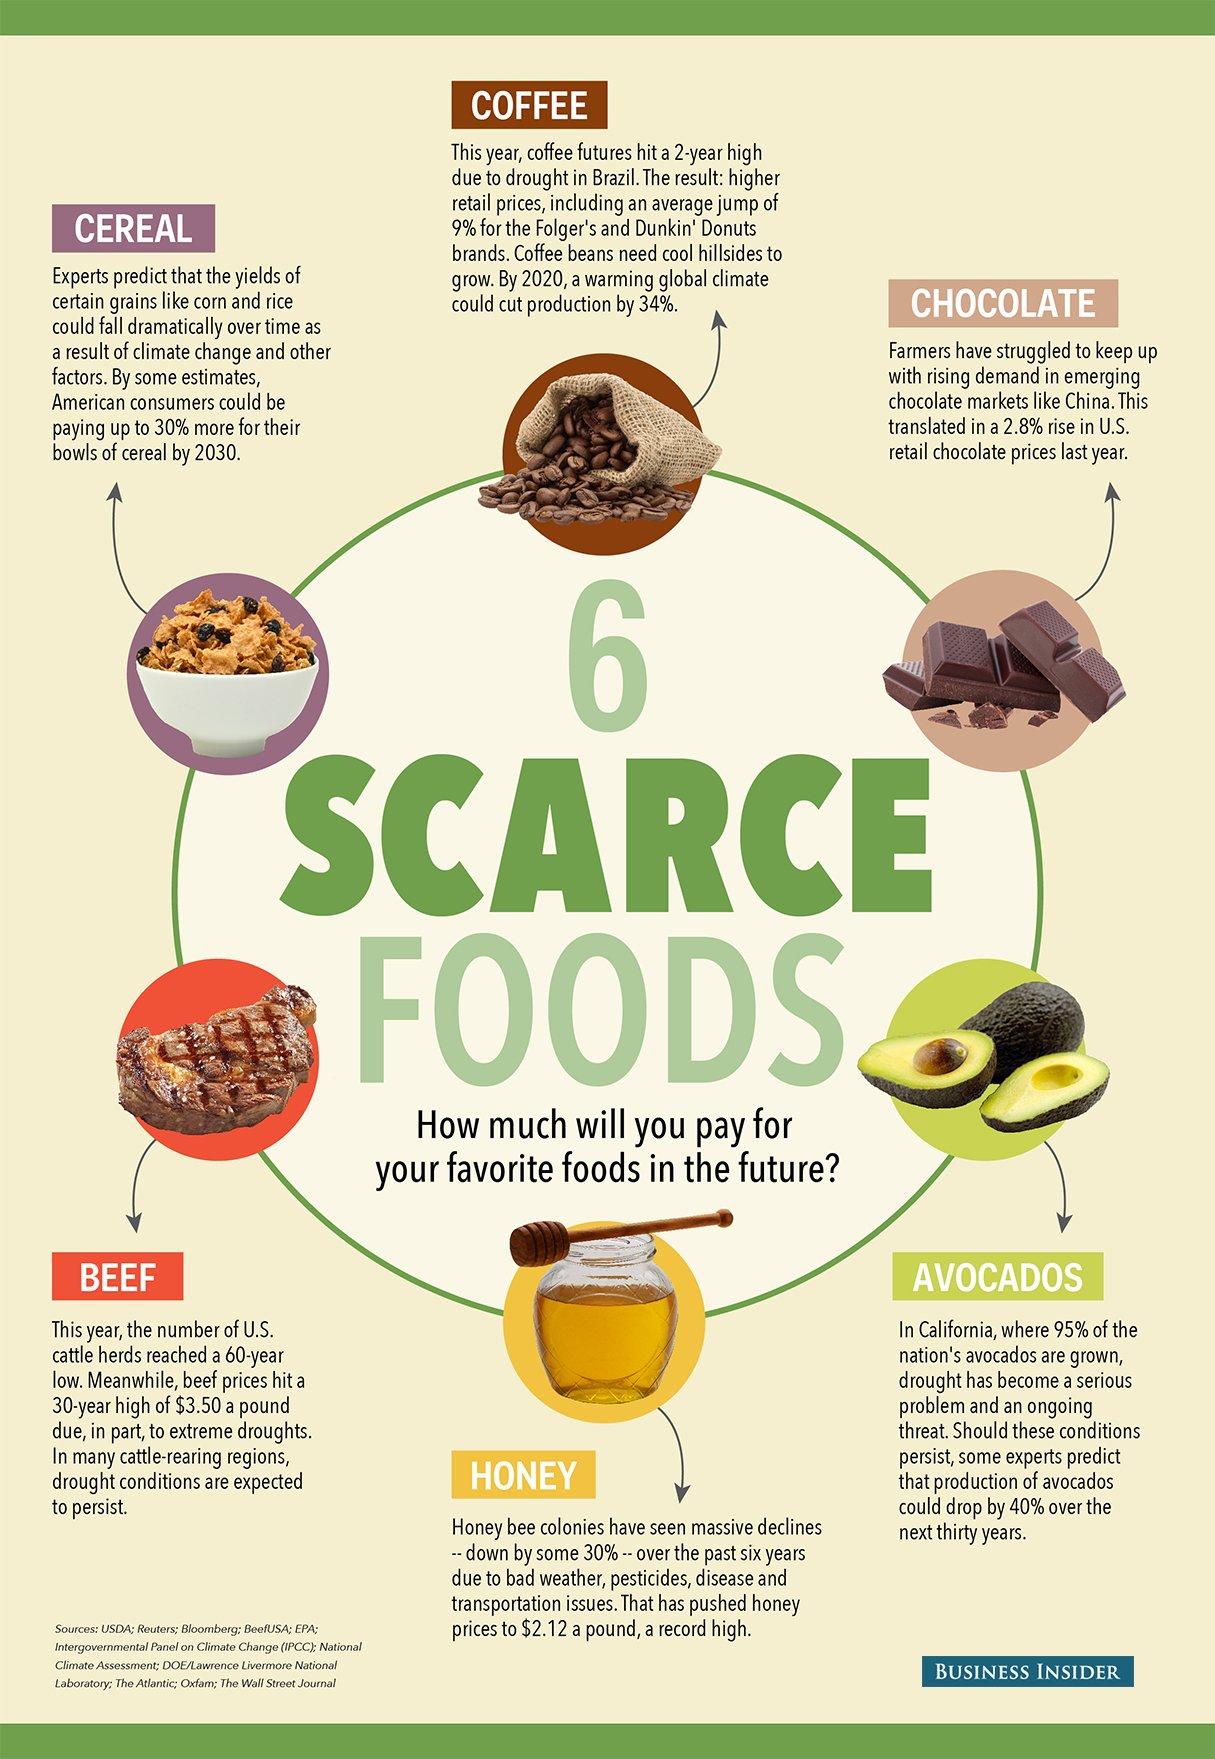 Αυτά είναι τα έξι βασικά τρόφιμα που στο μέλλον θα τα πληρώνουμε με... χρυσάφι